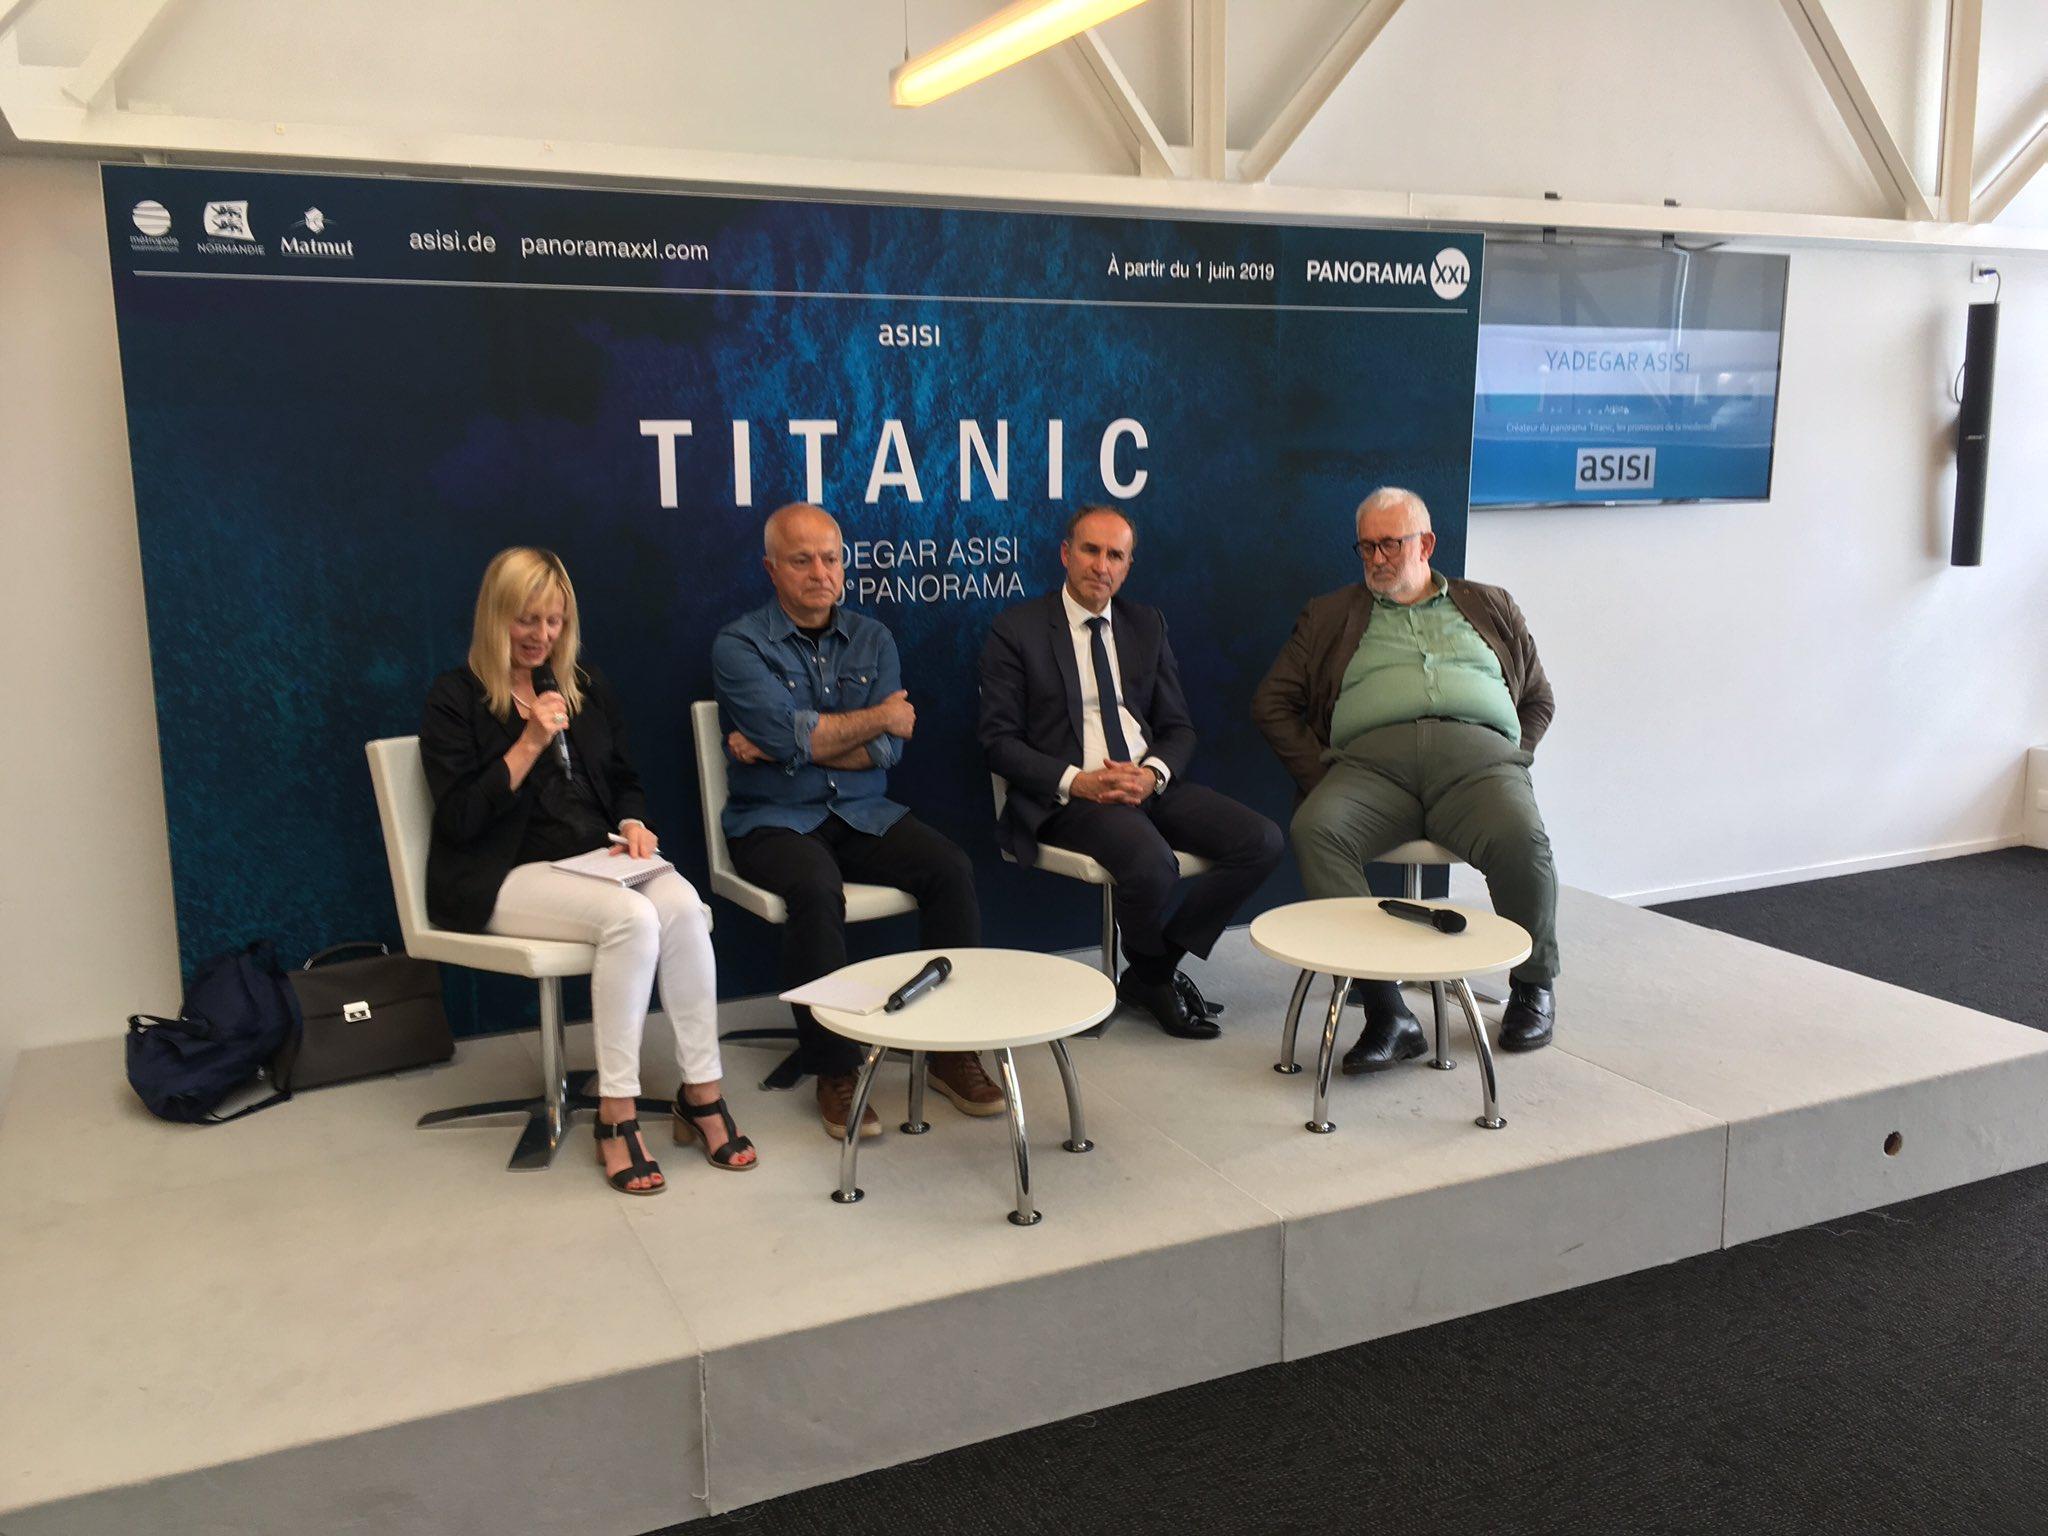 """Expo """"Titanic, les promesses de la modernité"""" by Asisi D75mVuTWsAEMo1u"""